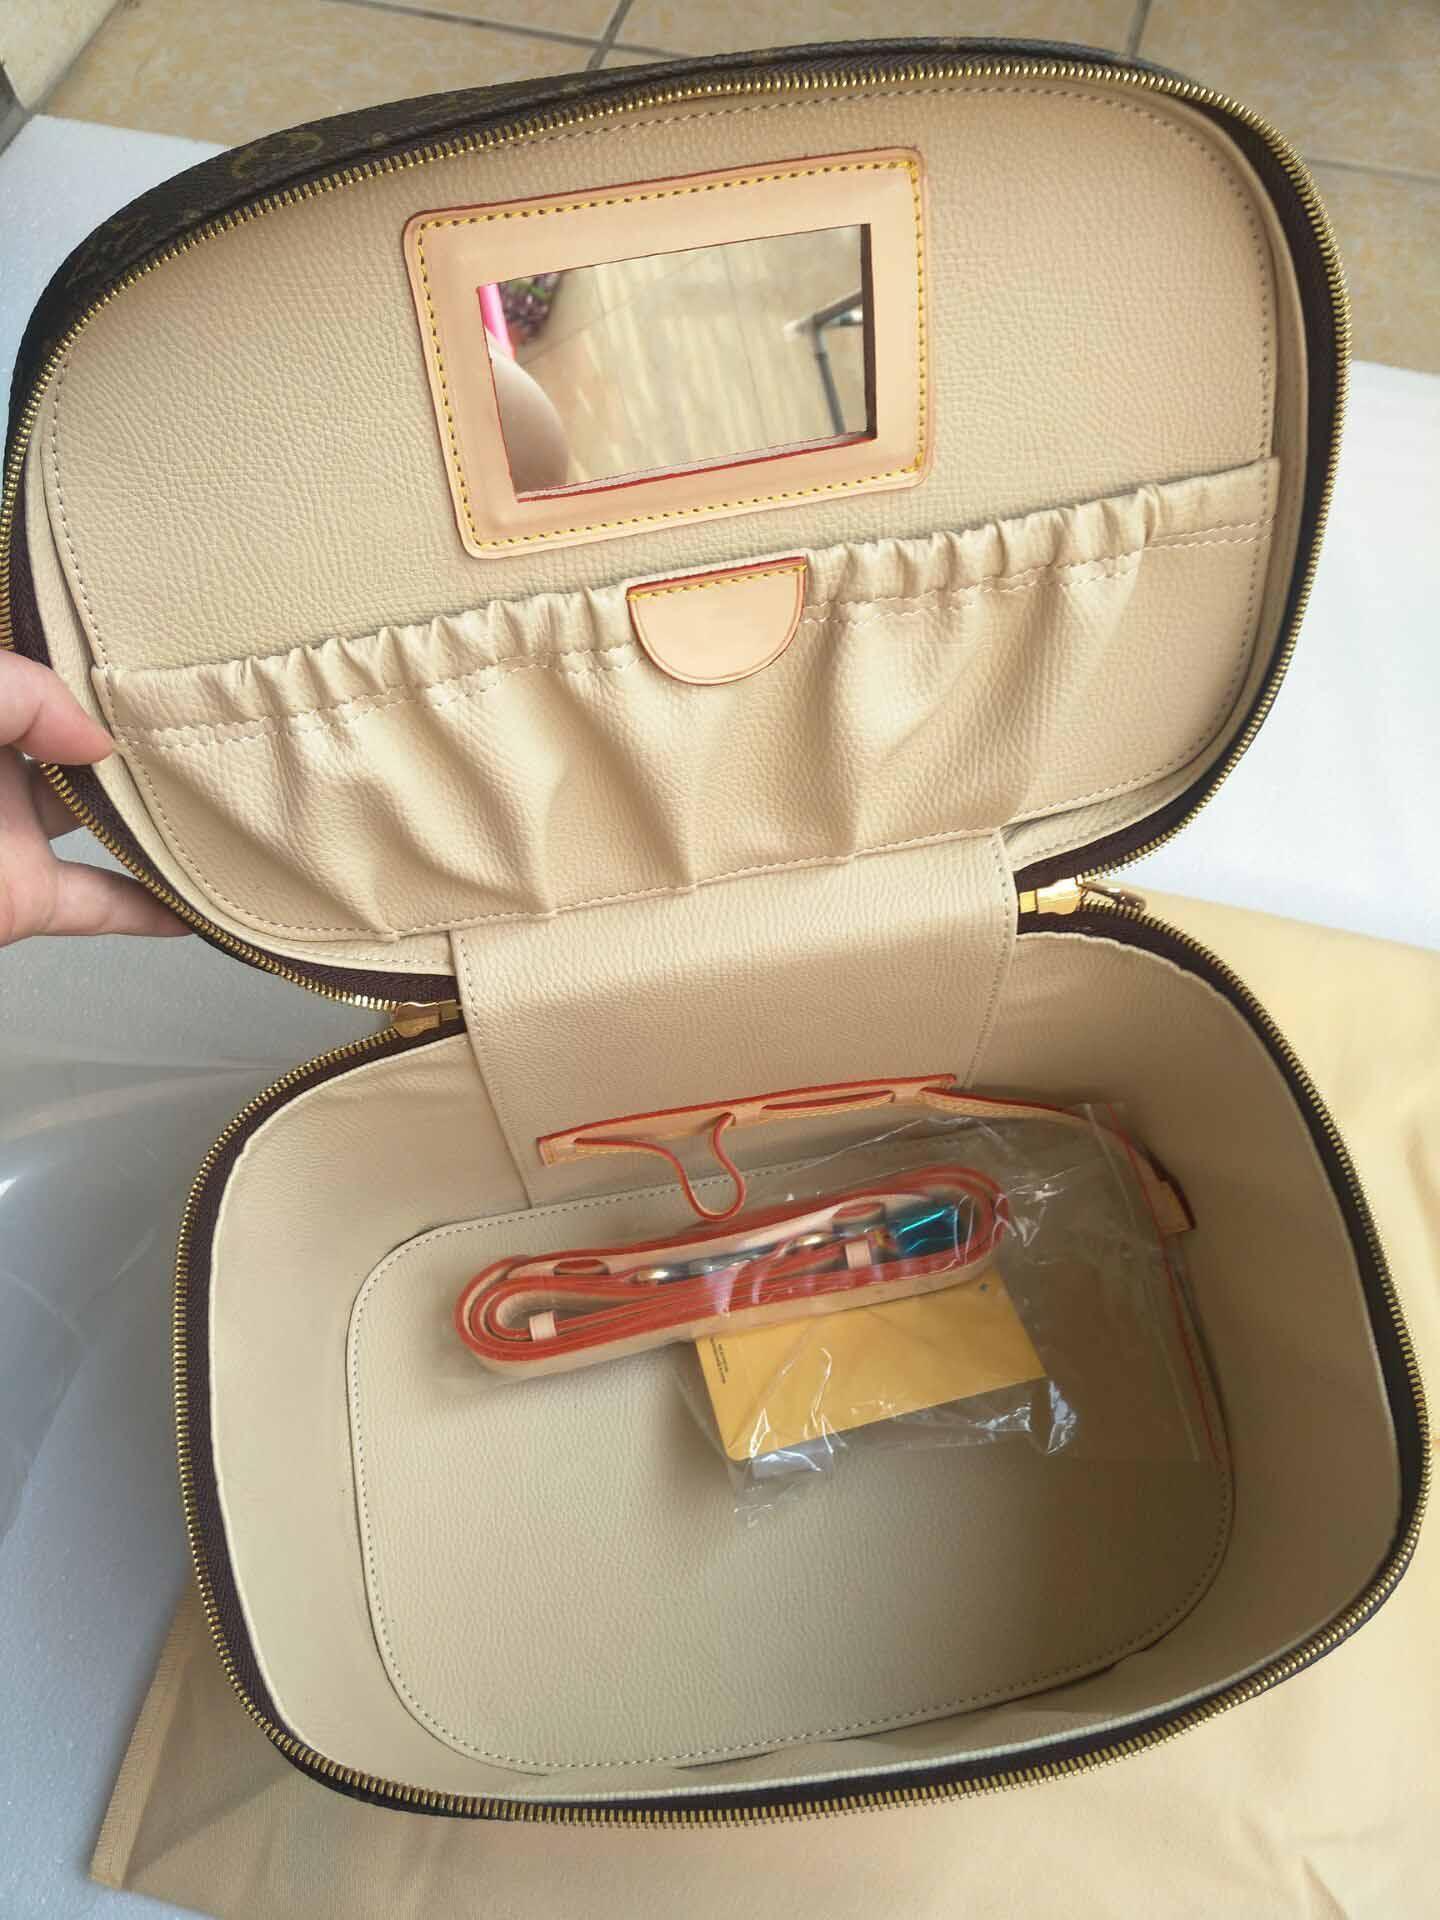 Top-Qualität Frauen Kosmetiktasche aus echtem Leder Make-up Taschen berühmten Make-up-Box großen Reiseveranstalter Reise Kulturbeutel Totes